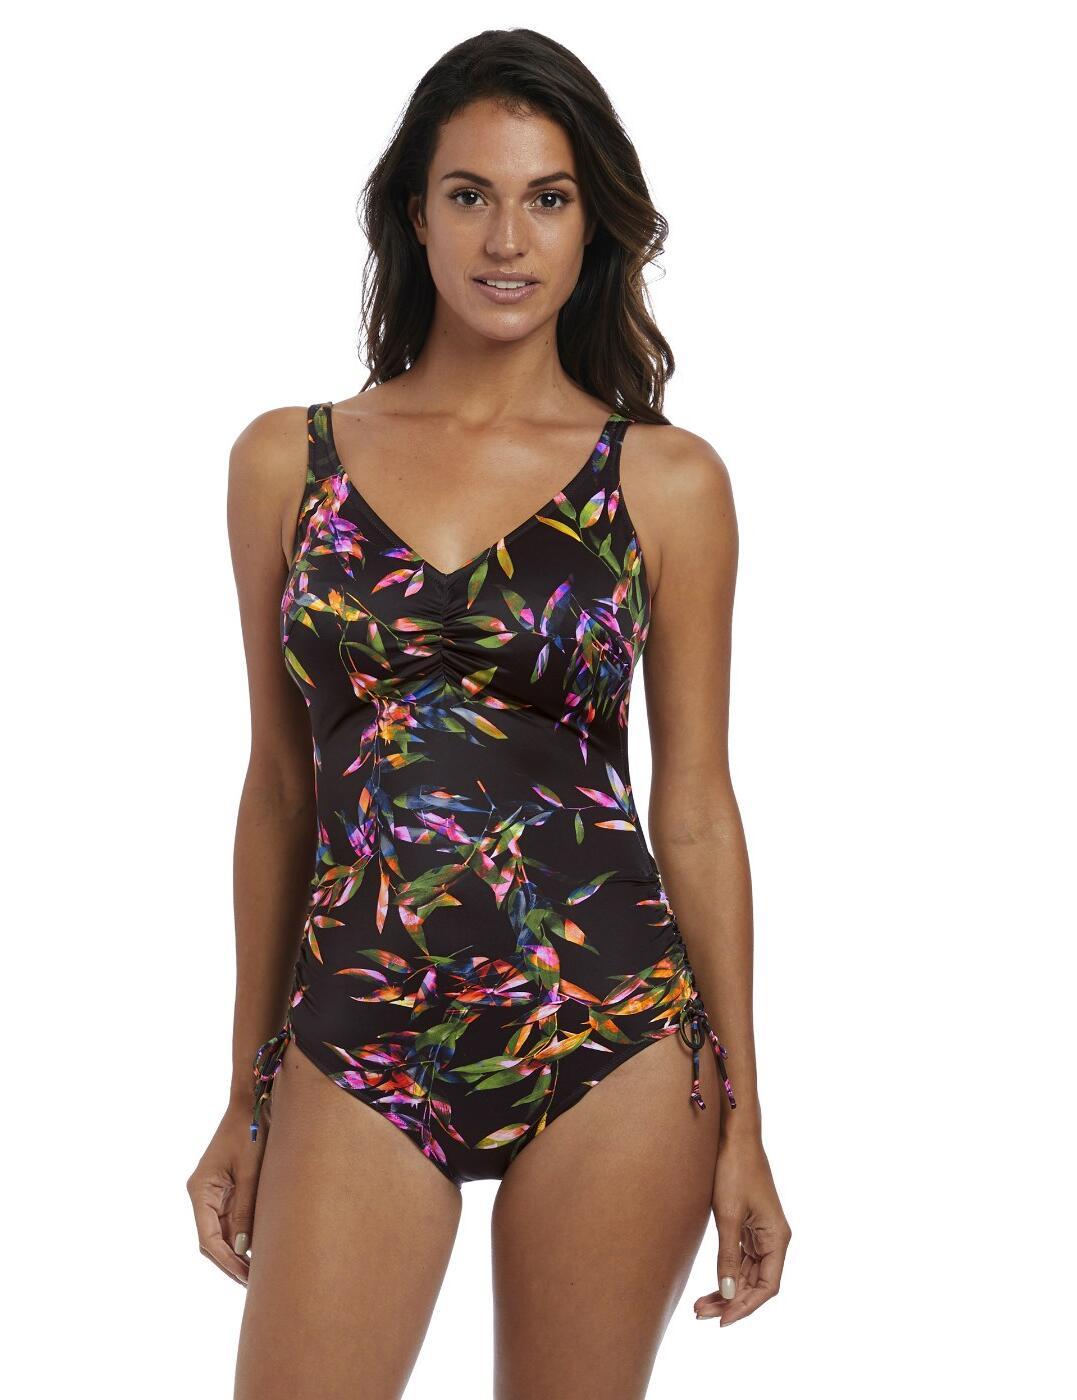 4237b8b1134db Fantasie Palawan Underwired V-Neck Adjustable Leg Swimsuit - Belle Lingerie